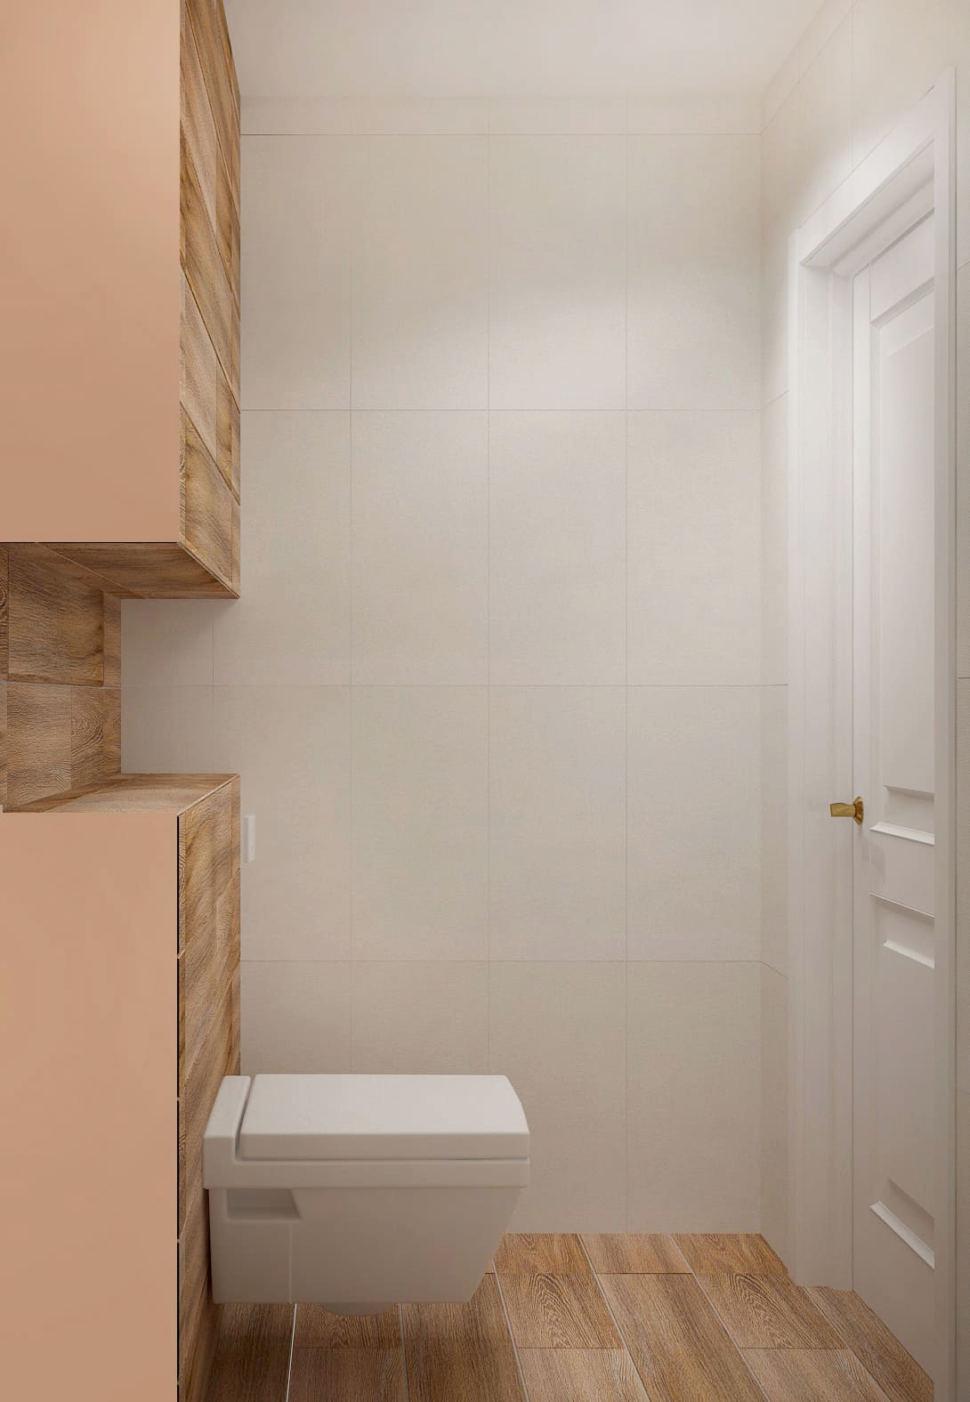 Дизайн-проект санузла 2 кв.м в древесных и белых оттенках, плитка, ламинат, светильник, унитаз